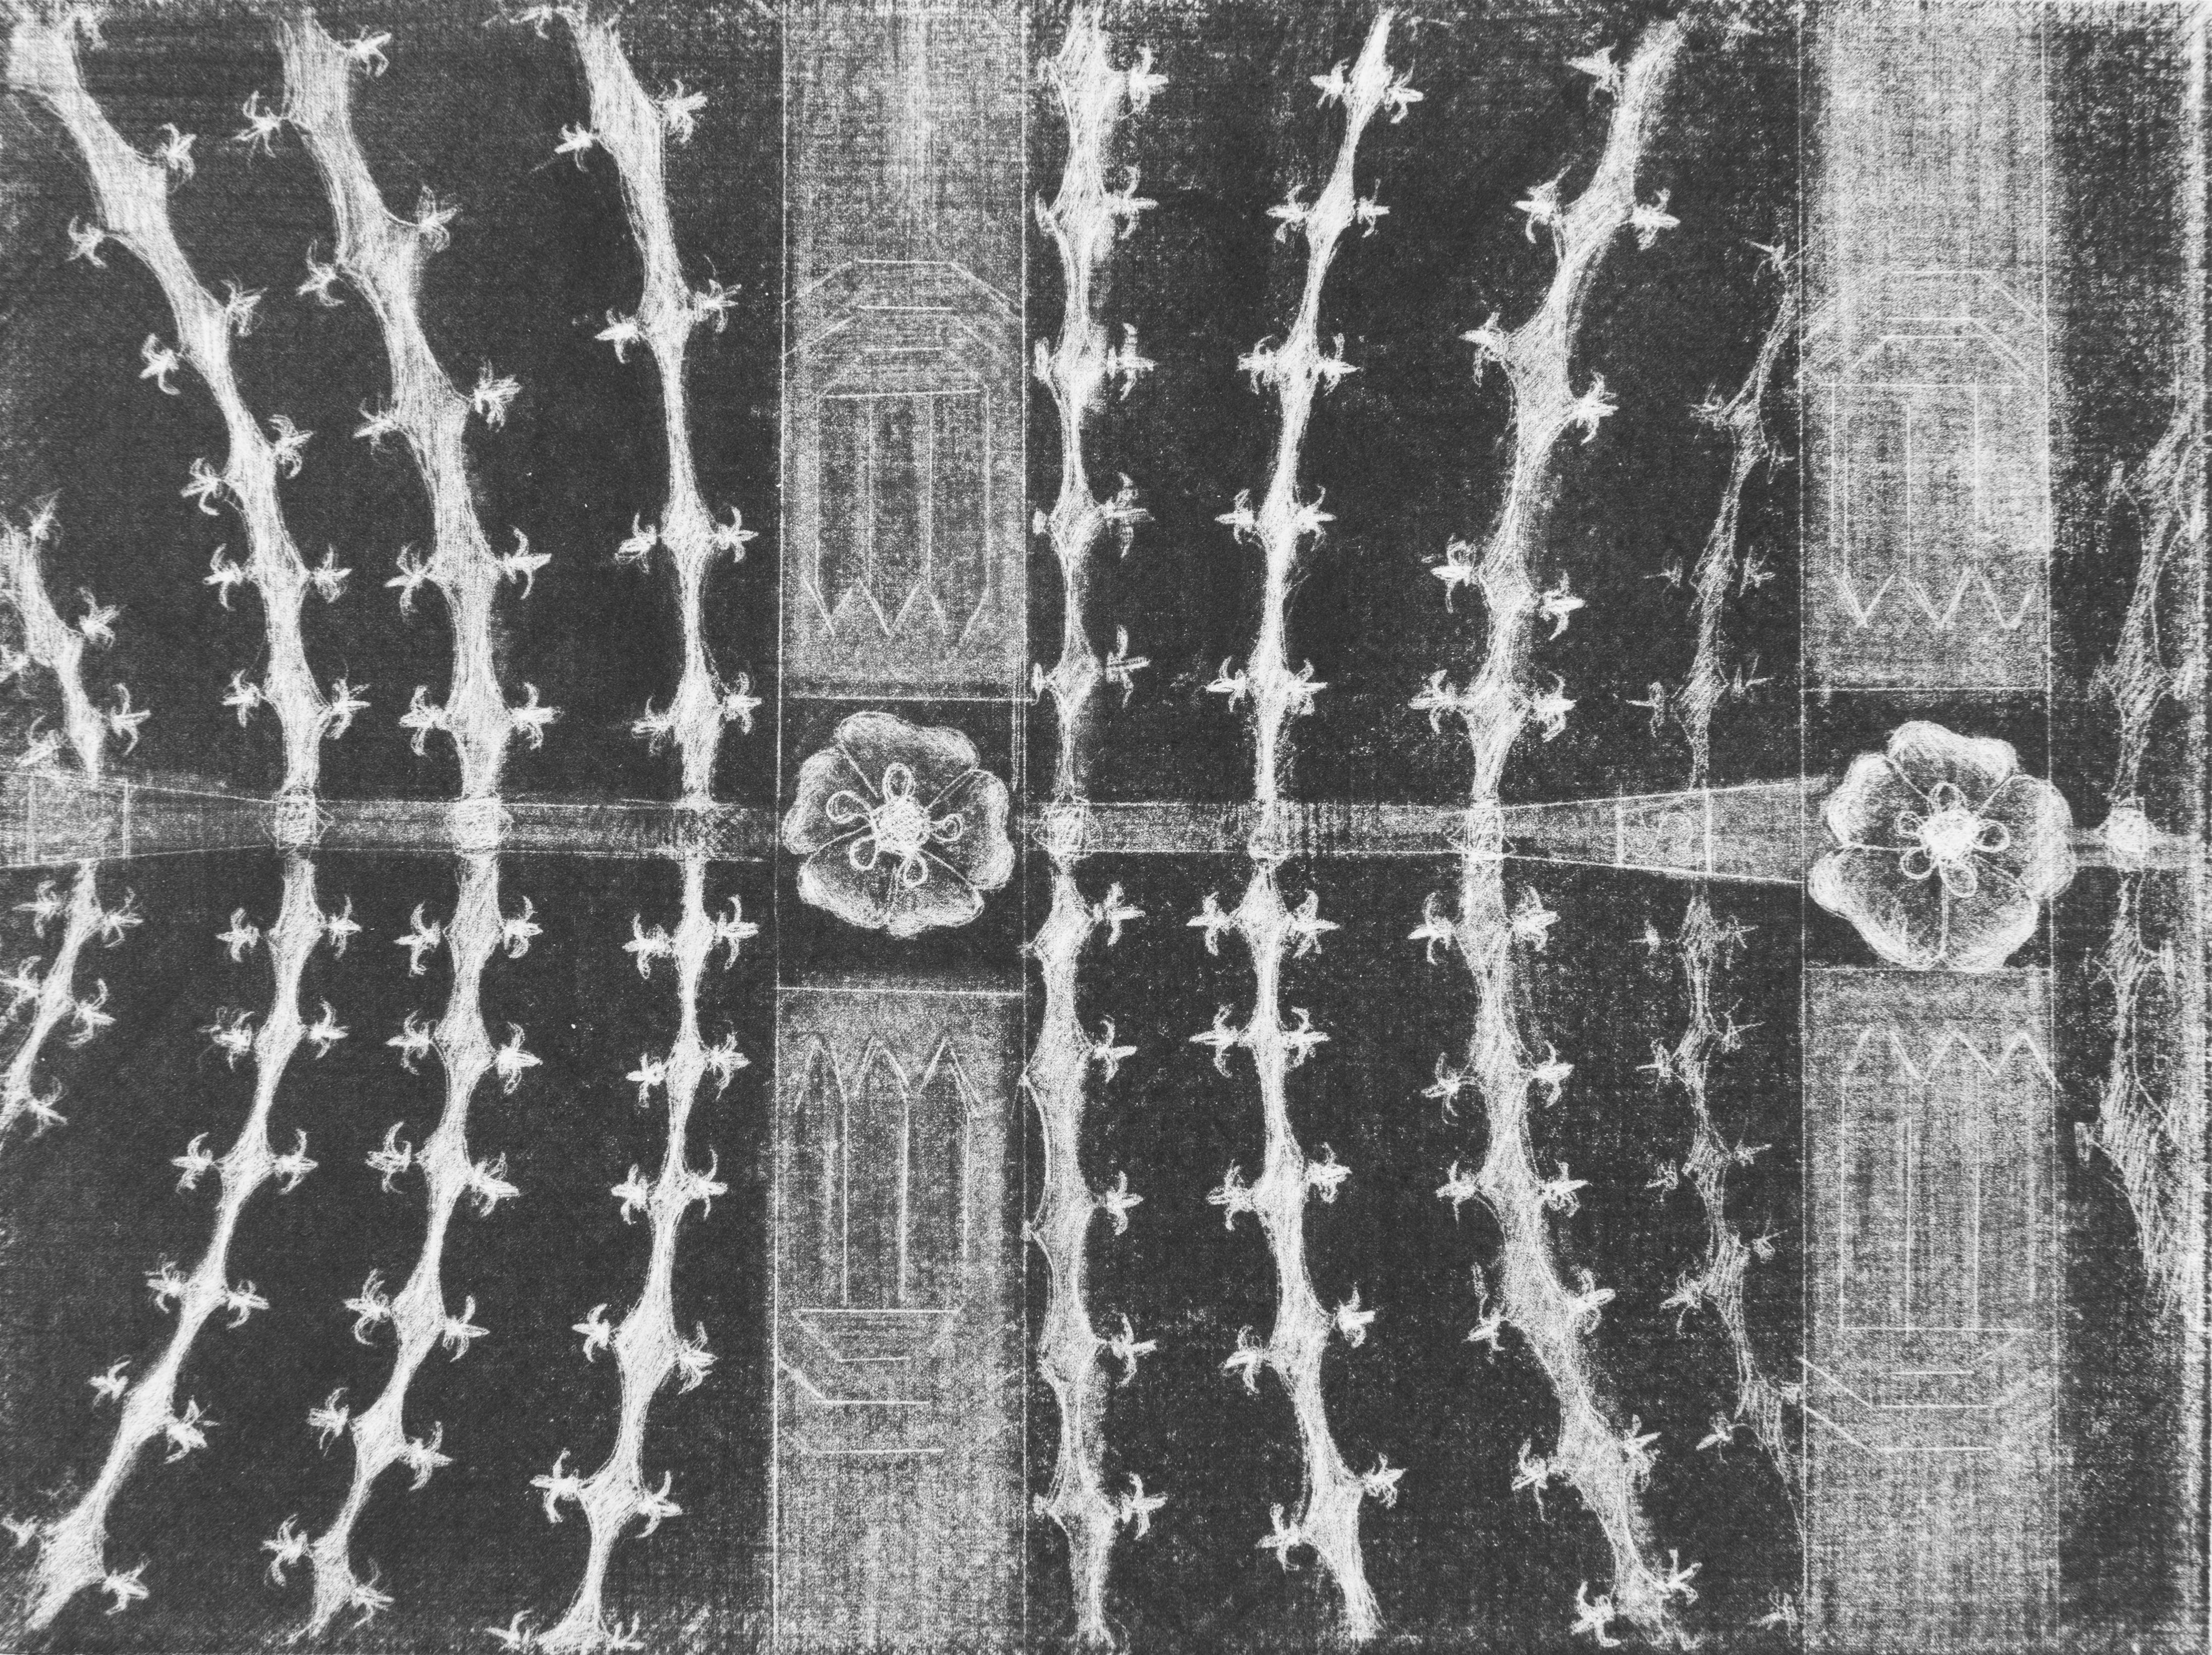 Architecture # 6, mezzotint, 20 x 15 cm, 2019